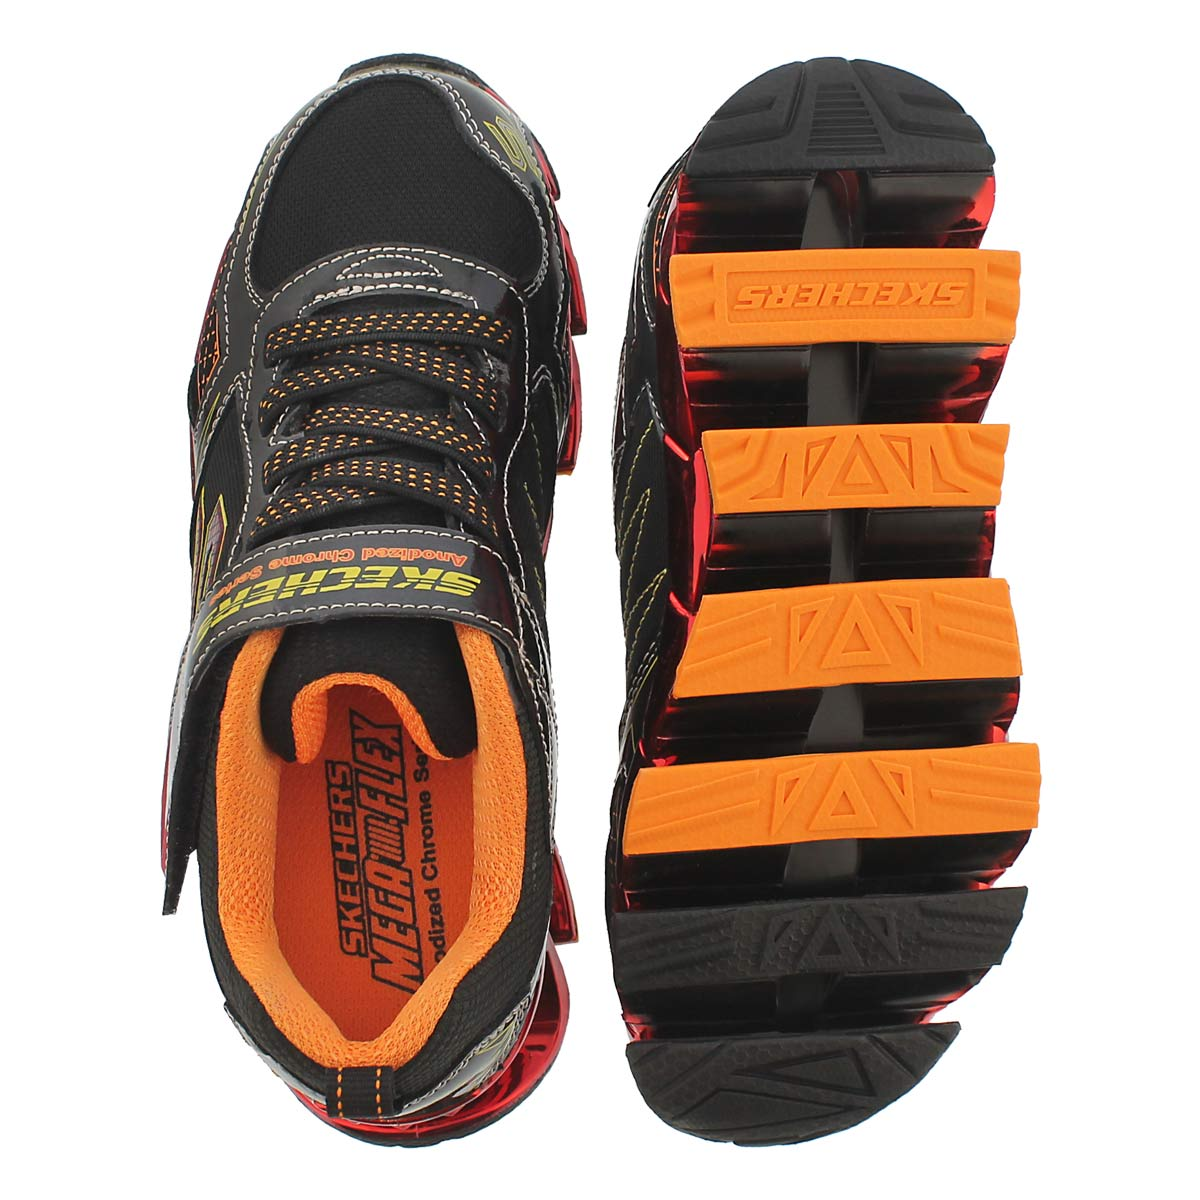 Chaussure Mega Blade 2.0, noir/rge, garç